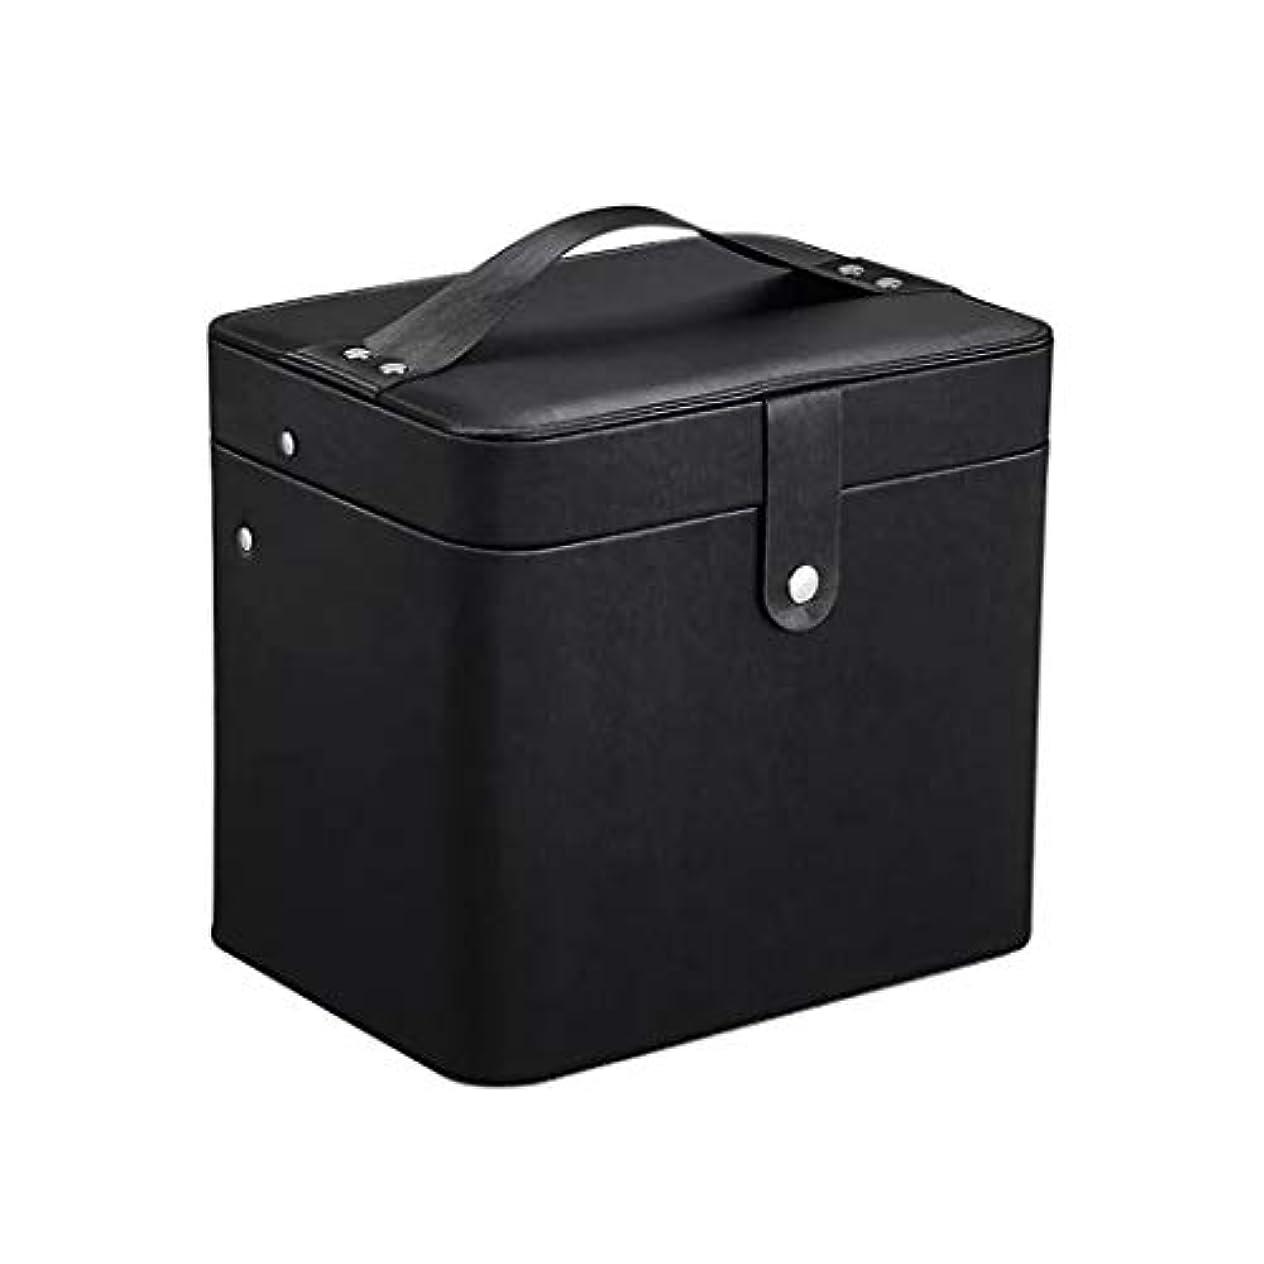 豆担保ピラミッドSZTulip コスメボックス メイクボックス 大容量収納ケース メイクブラシ化粧道具 小物入れ 鏡付き 化粧品収納ボックス (ブラック)